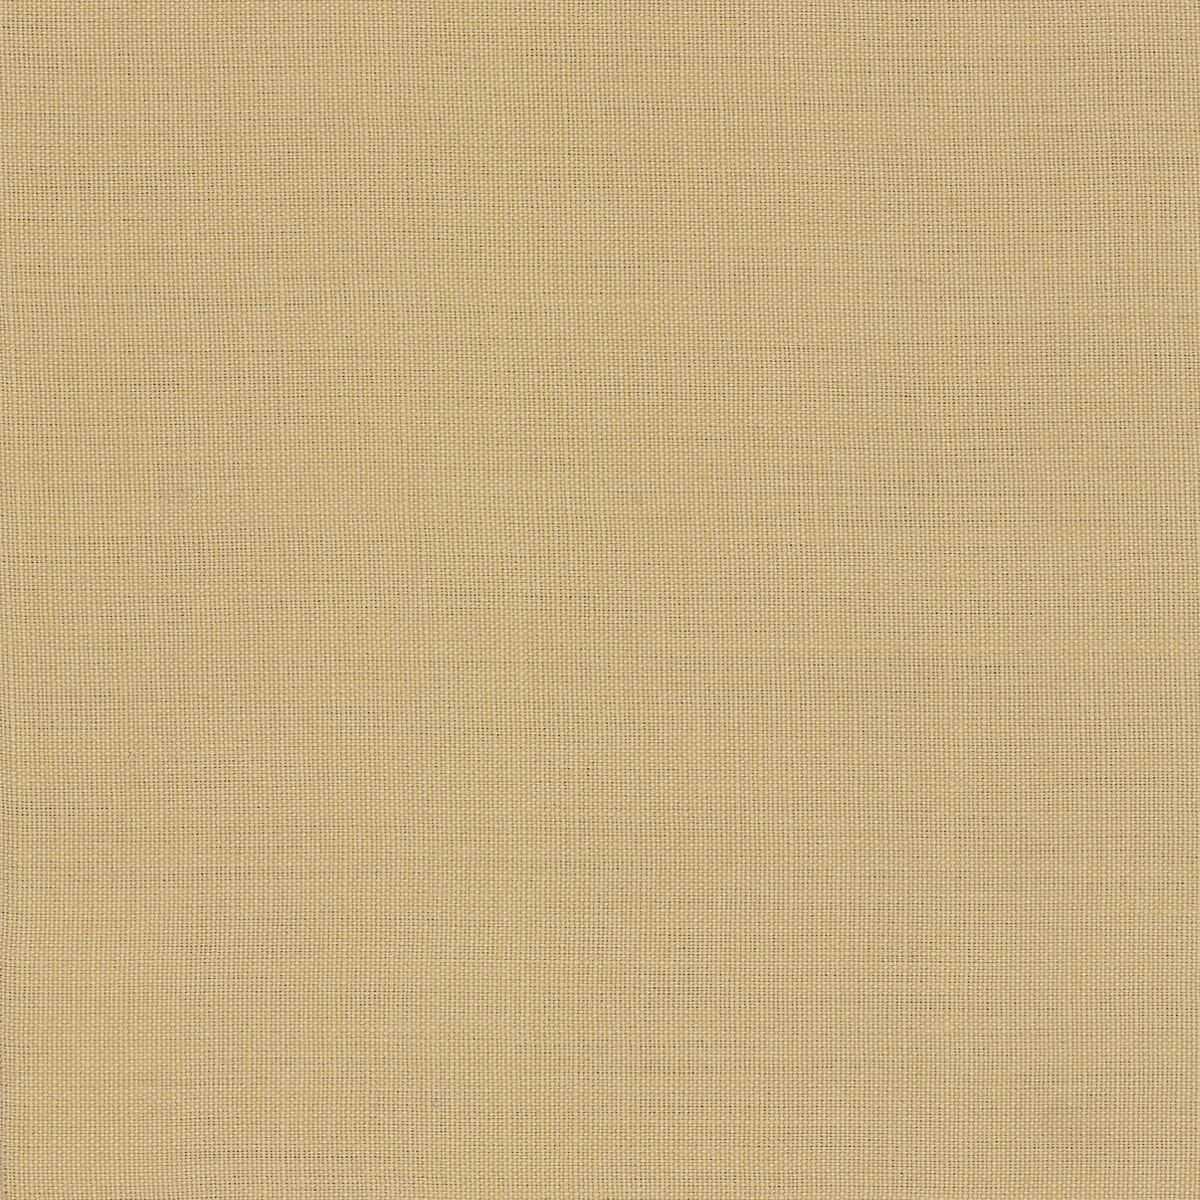 Estate Linen Wheat Fabric